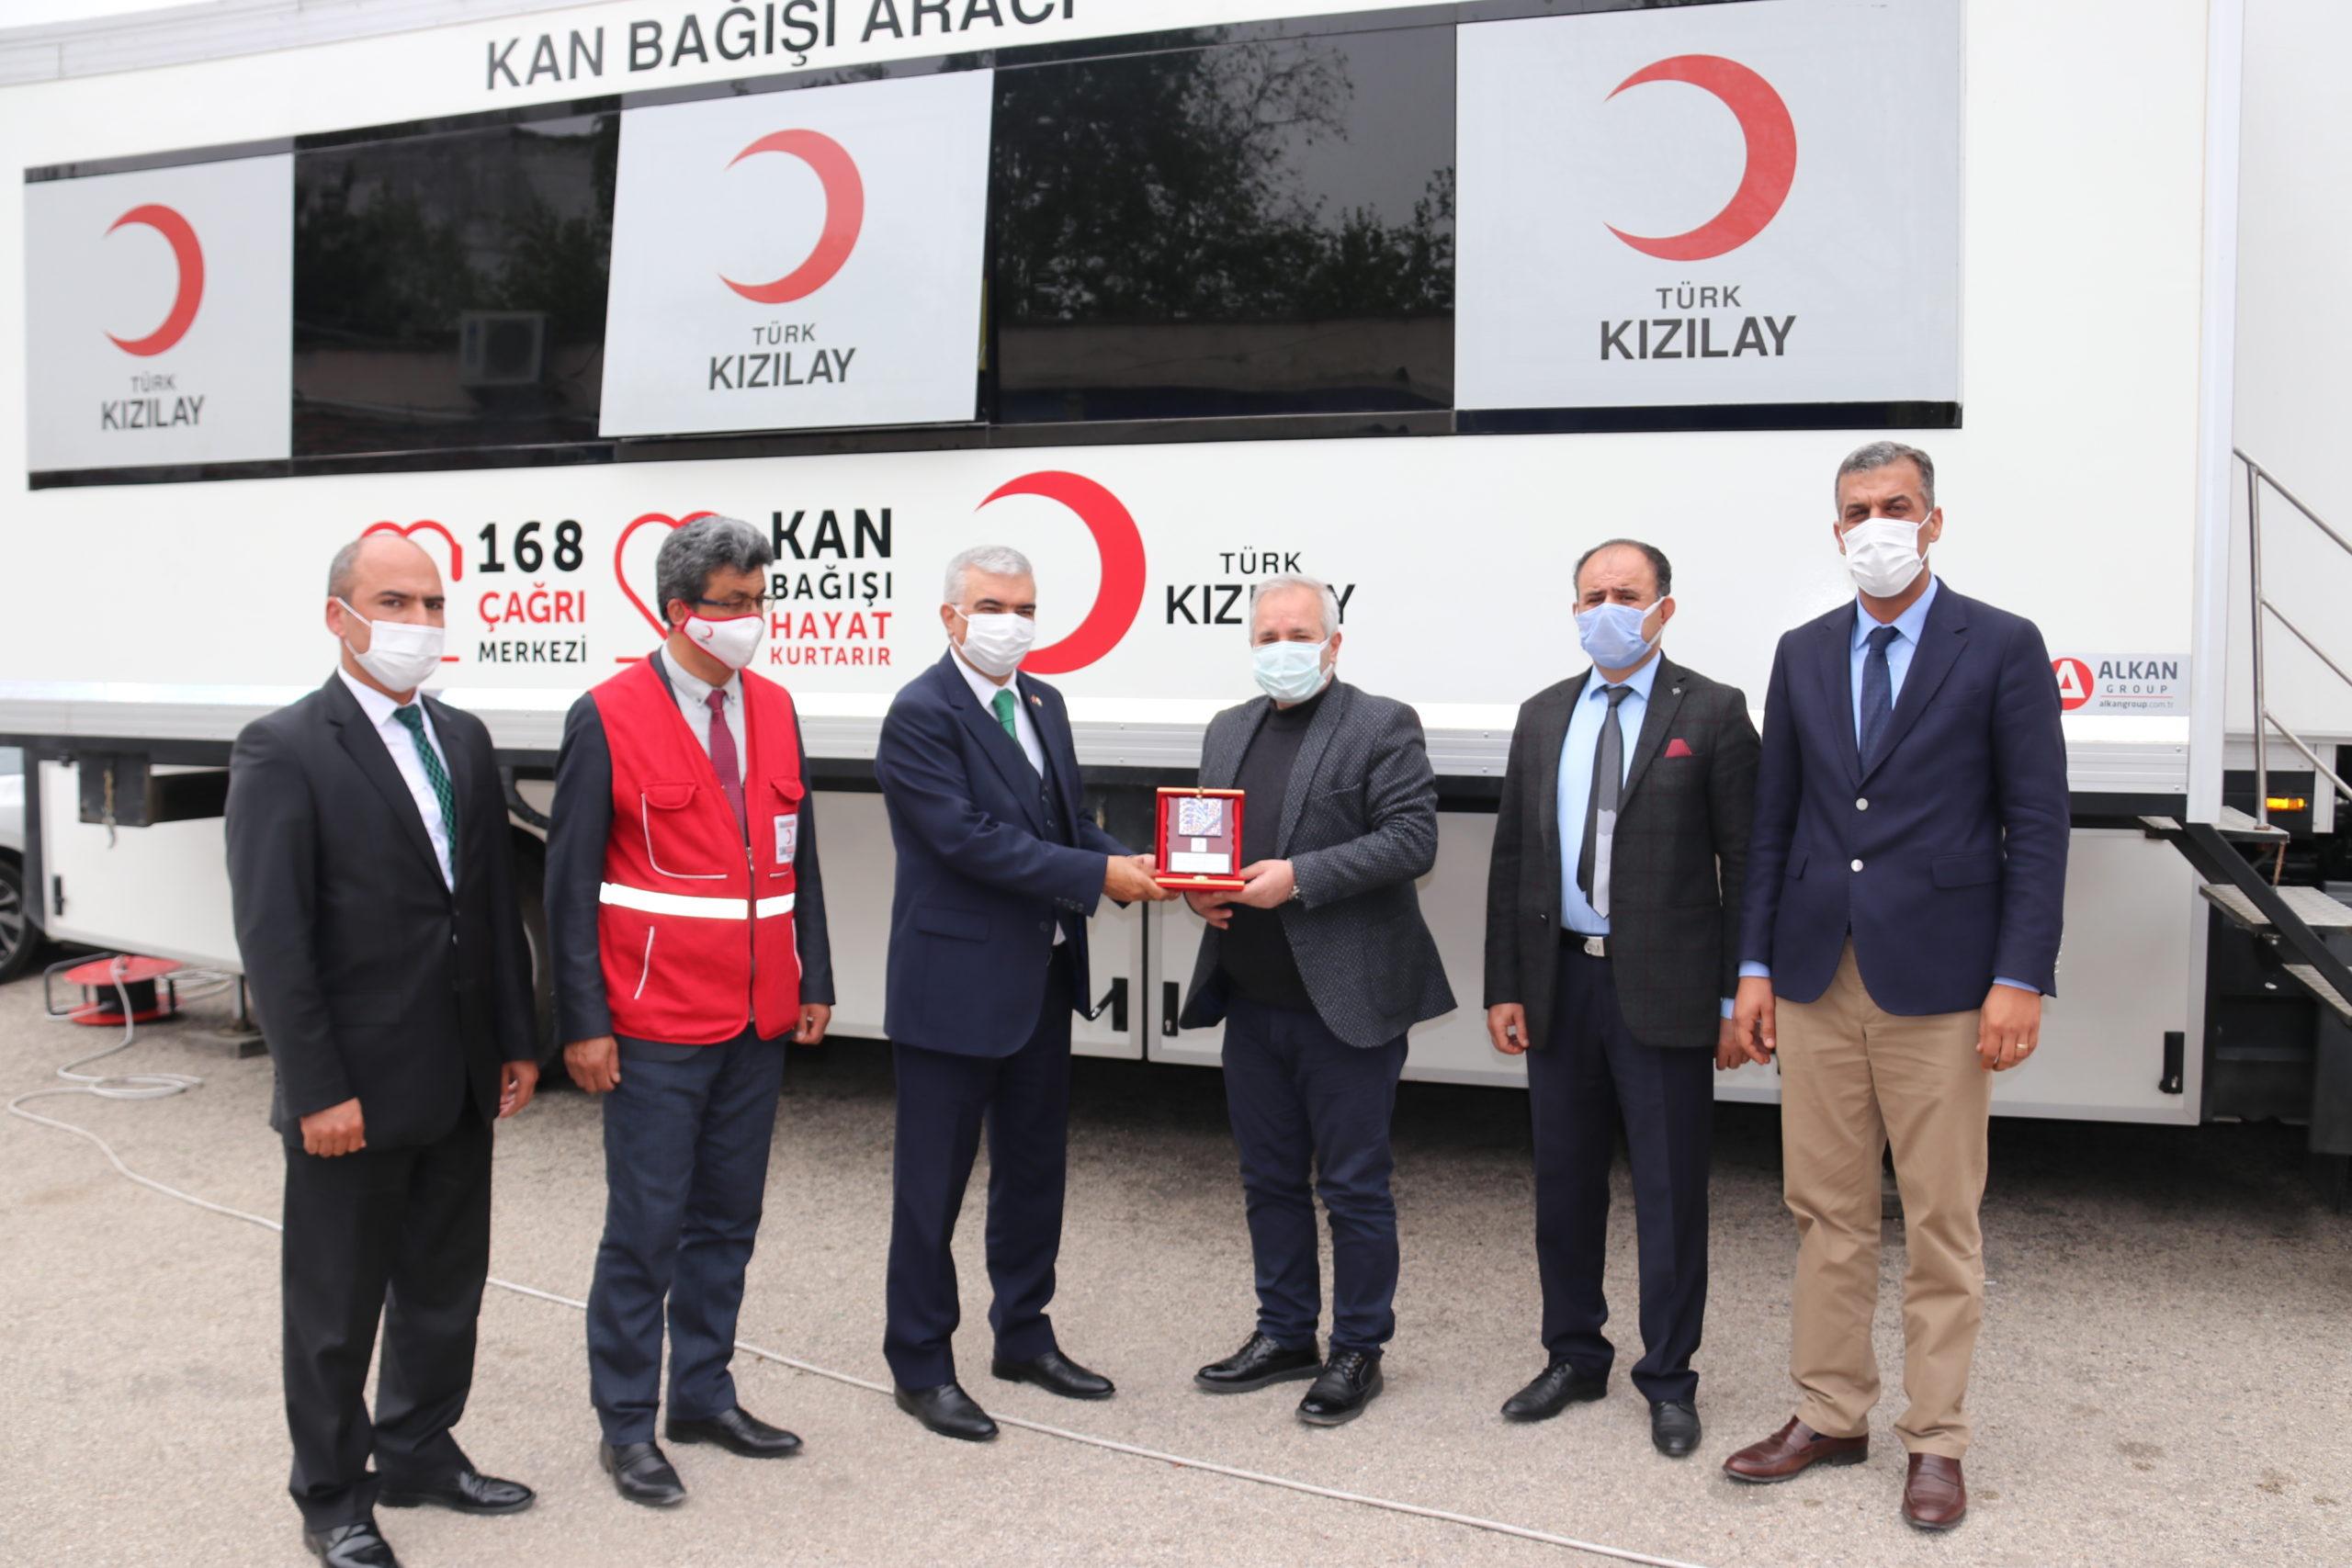 Kozan'da Kızılay İçin Kan Bağışı Kampanyası